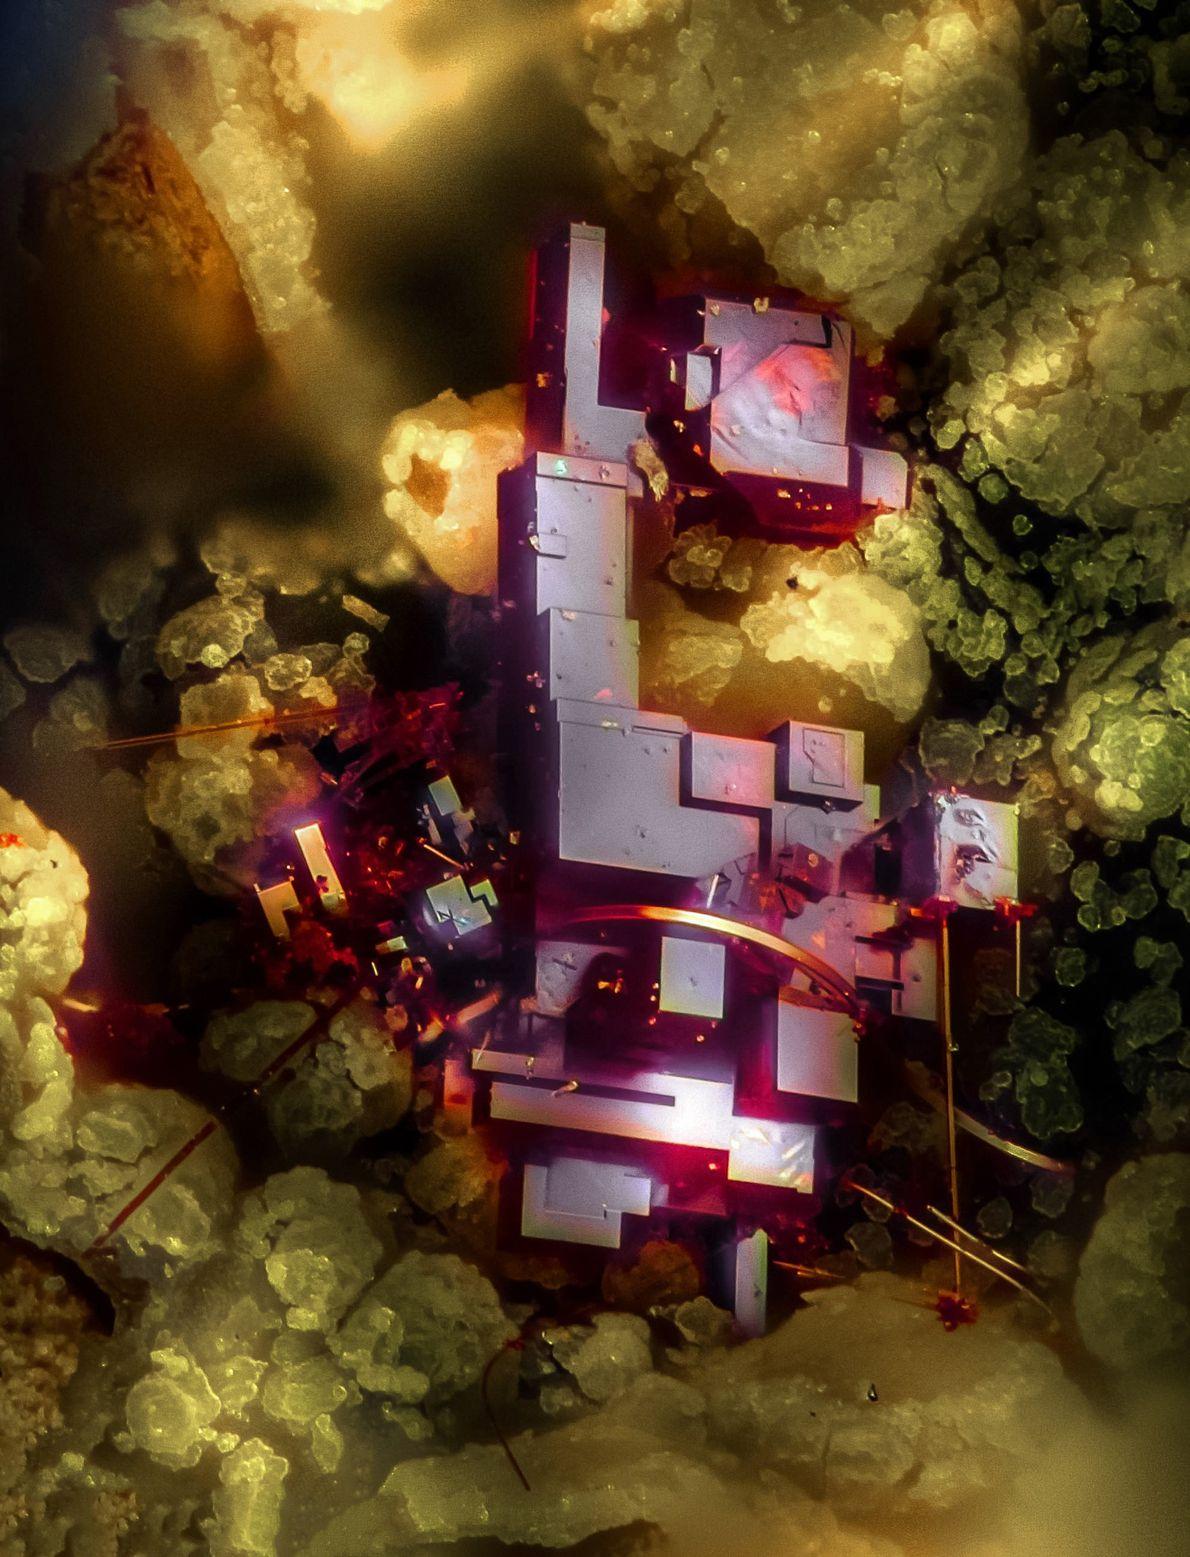 Dieser rote Kristall, der fast wie ein abstraktes Bauwerk wirkt, ist ein Kupferoxid namens Culprit und ...